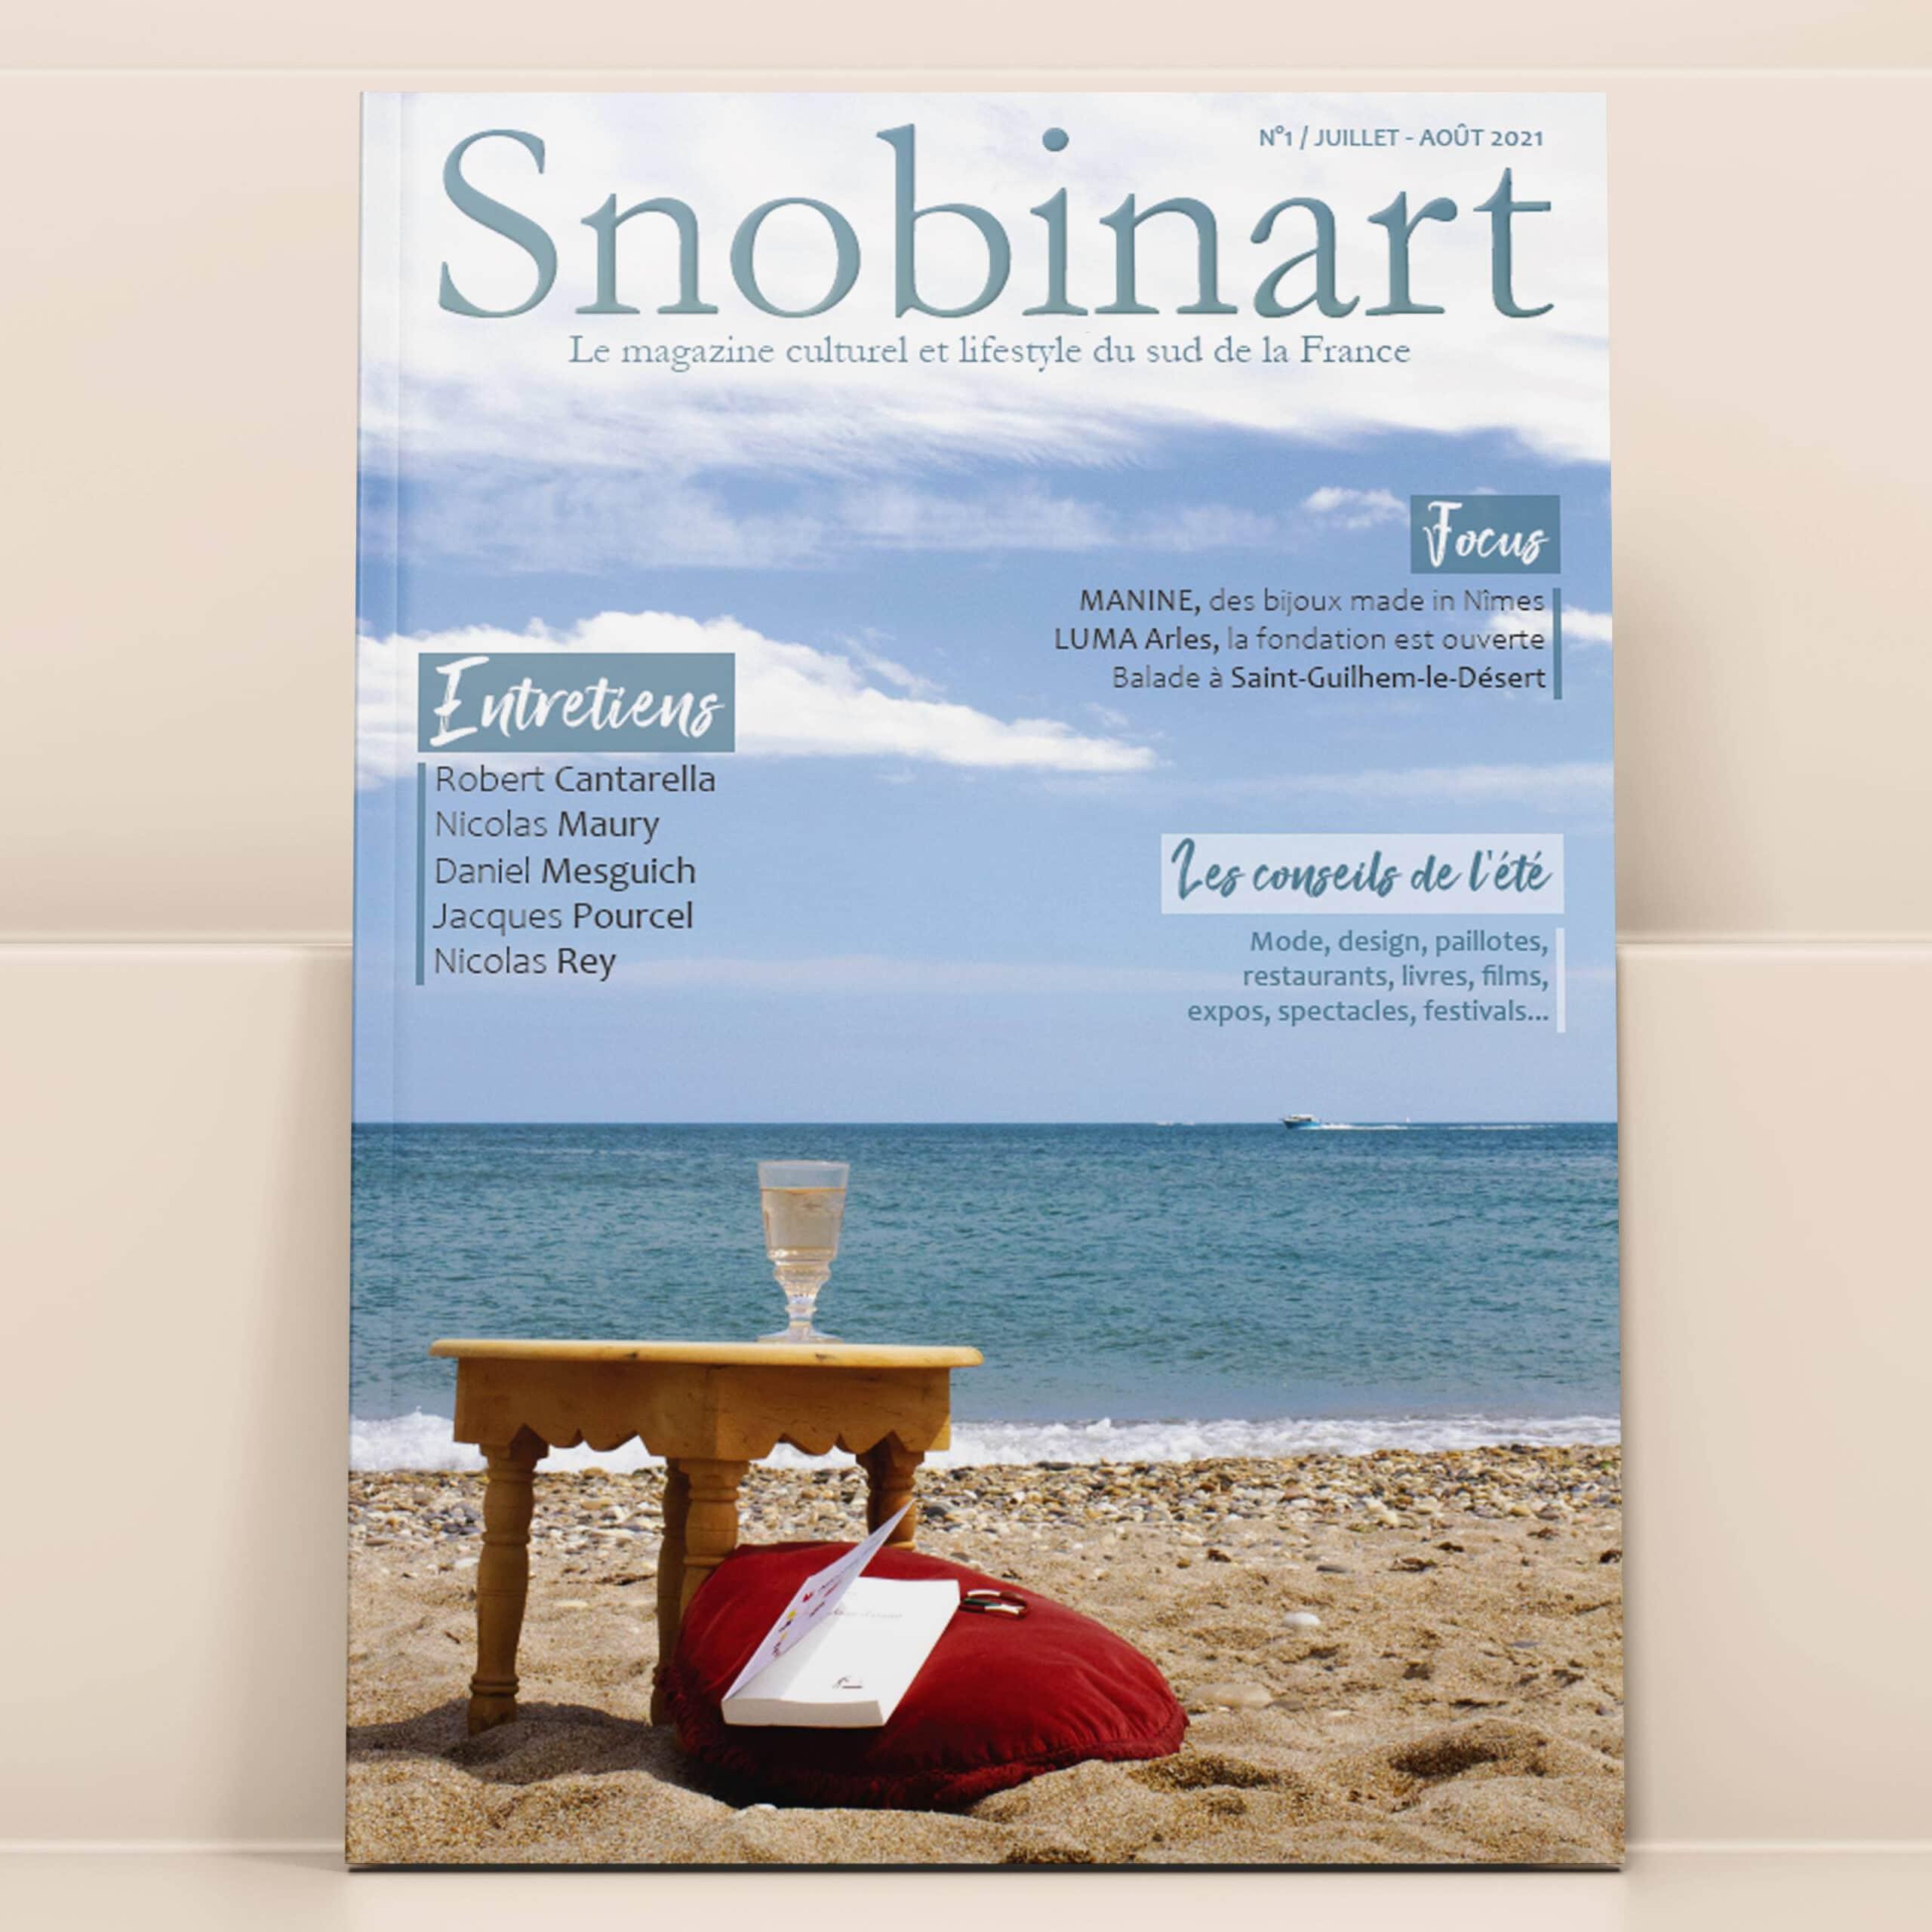 Couverture Snobinart Magazine Numéro 1 Juillet Août 2021